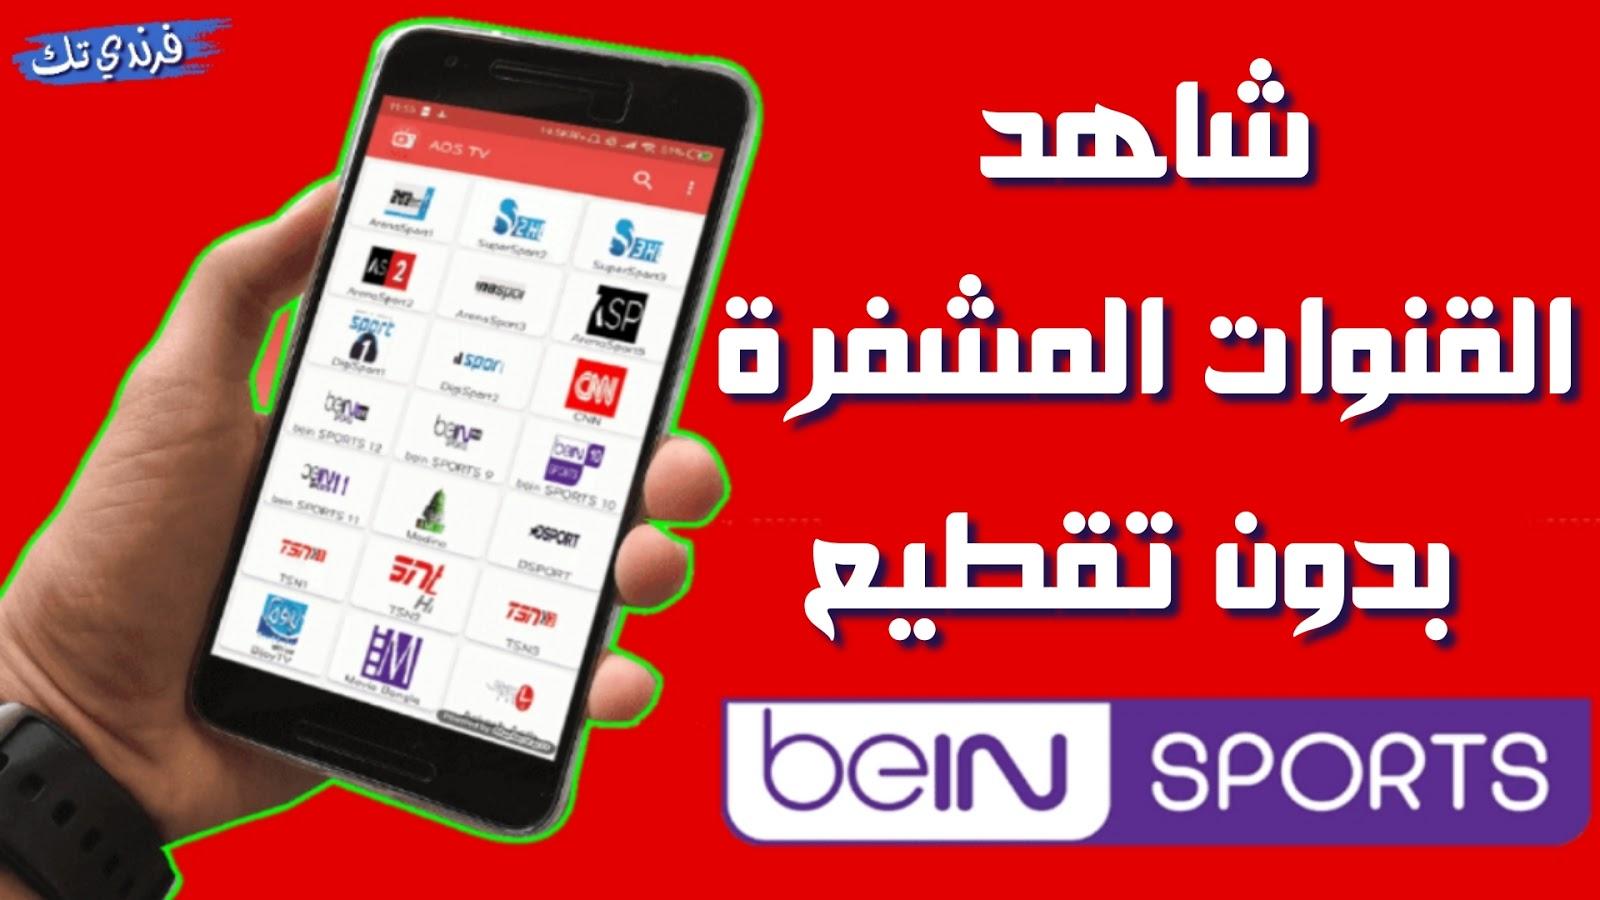 تحميل تطبيق Redbox TV لمشاهدة القنوات المشفرة أحدث اصدار